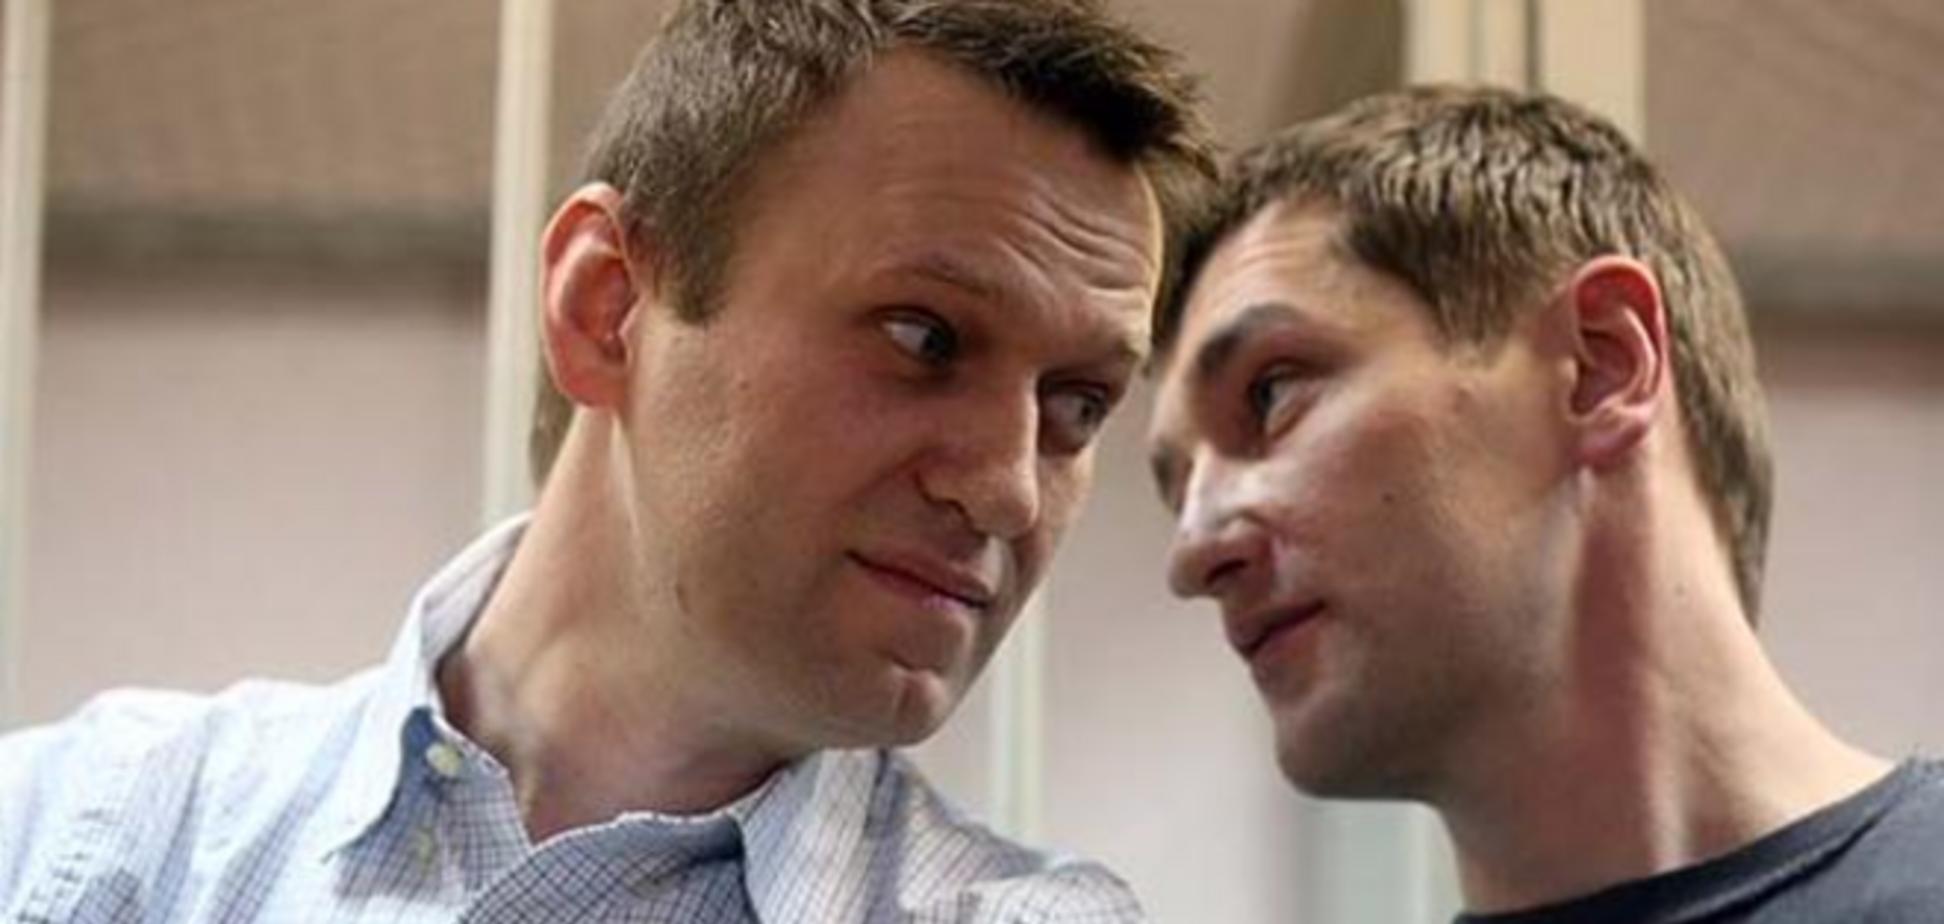 Навальный призвал россиян выйти на улицы, чтобы свергнуть Путина: опубликовано видео